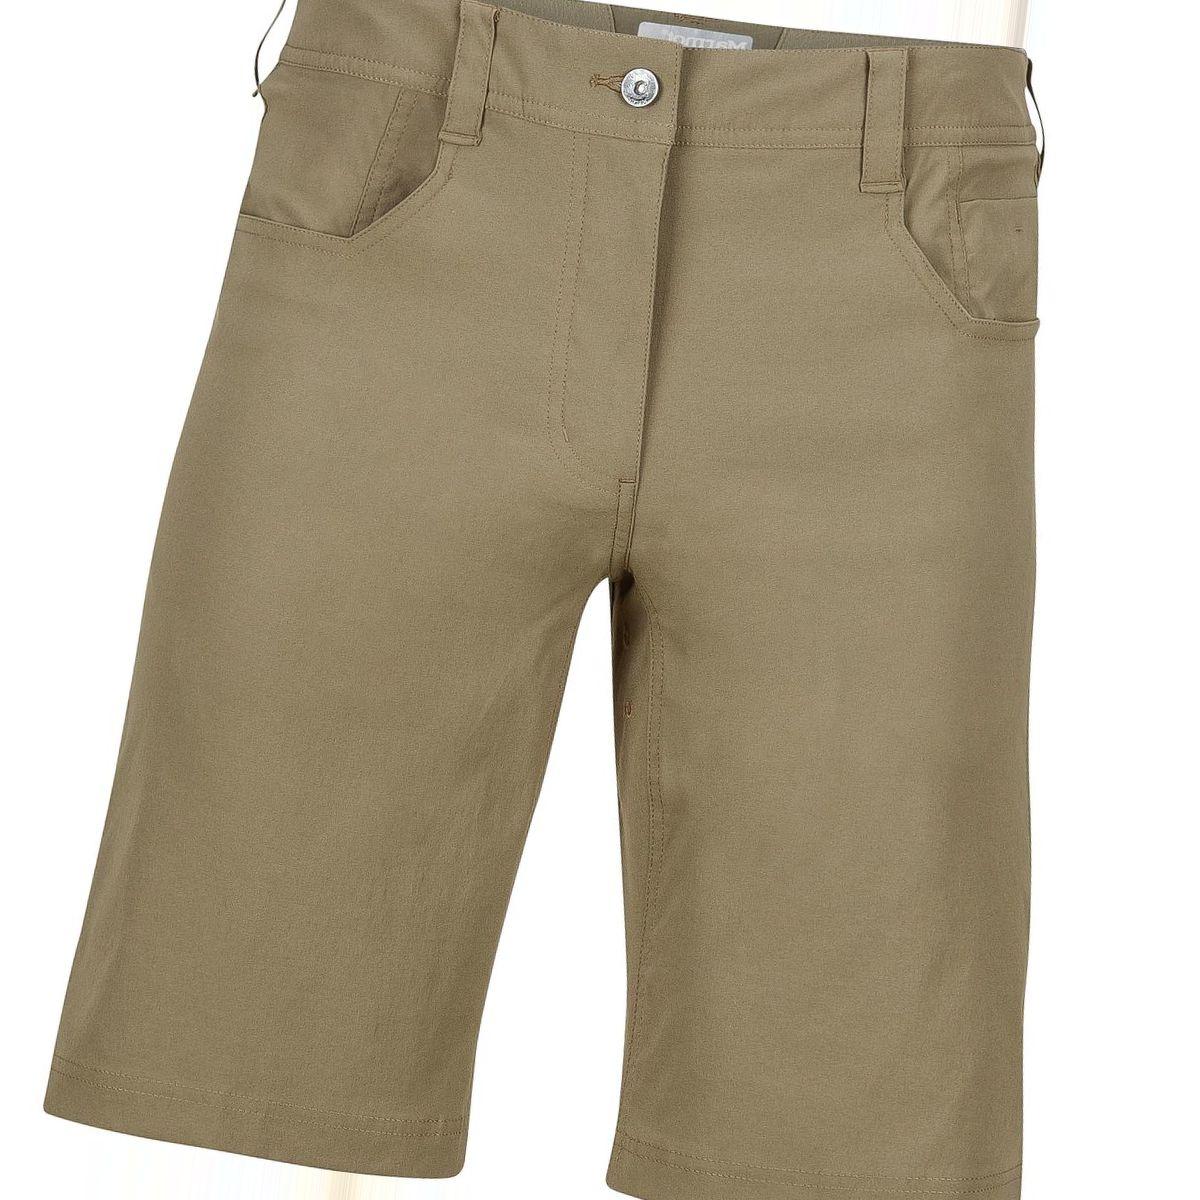 Marmot Verde Short - Men's